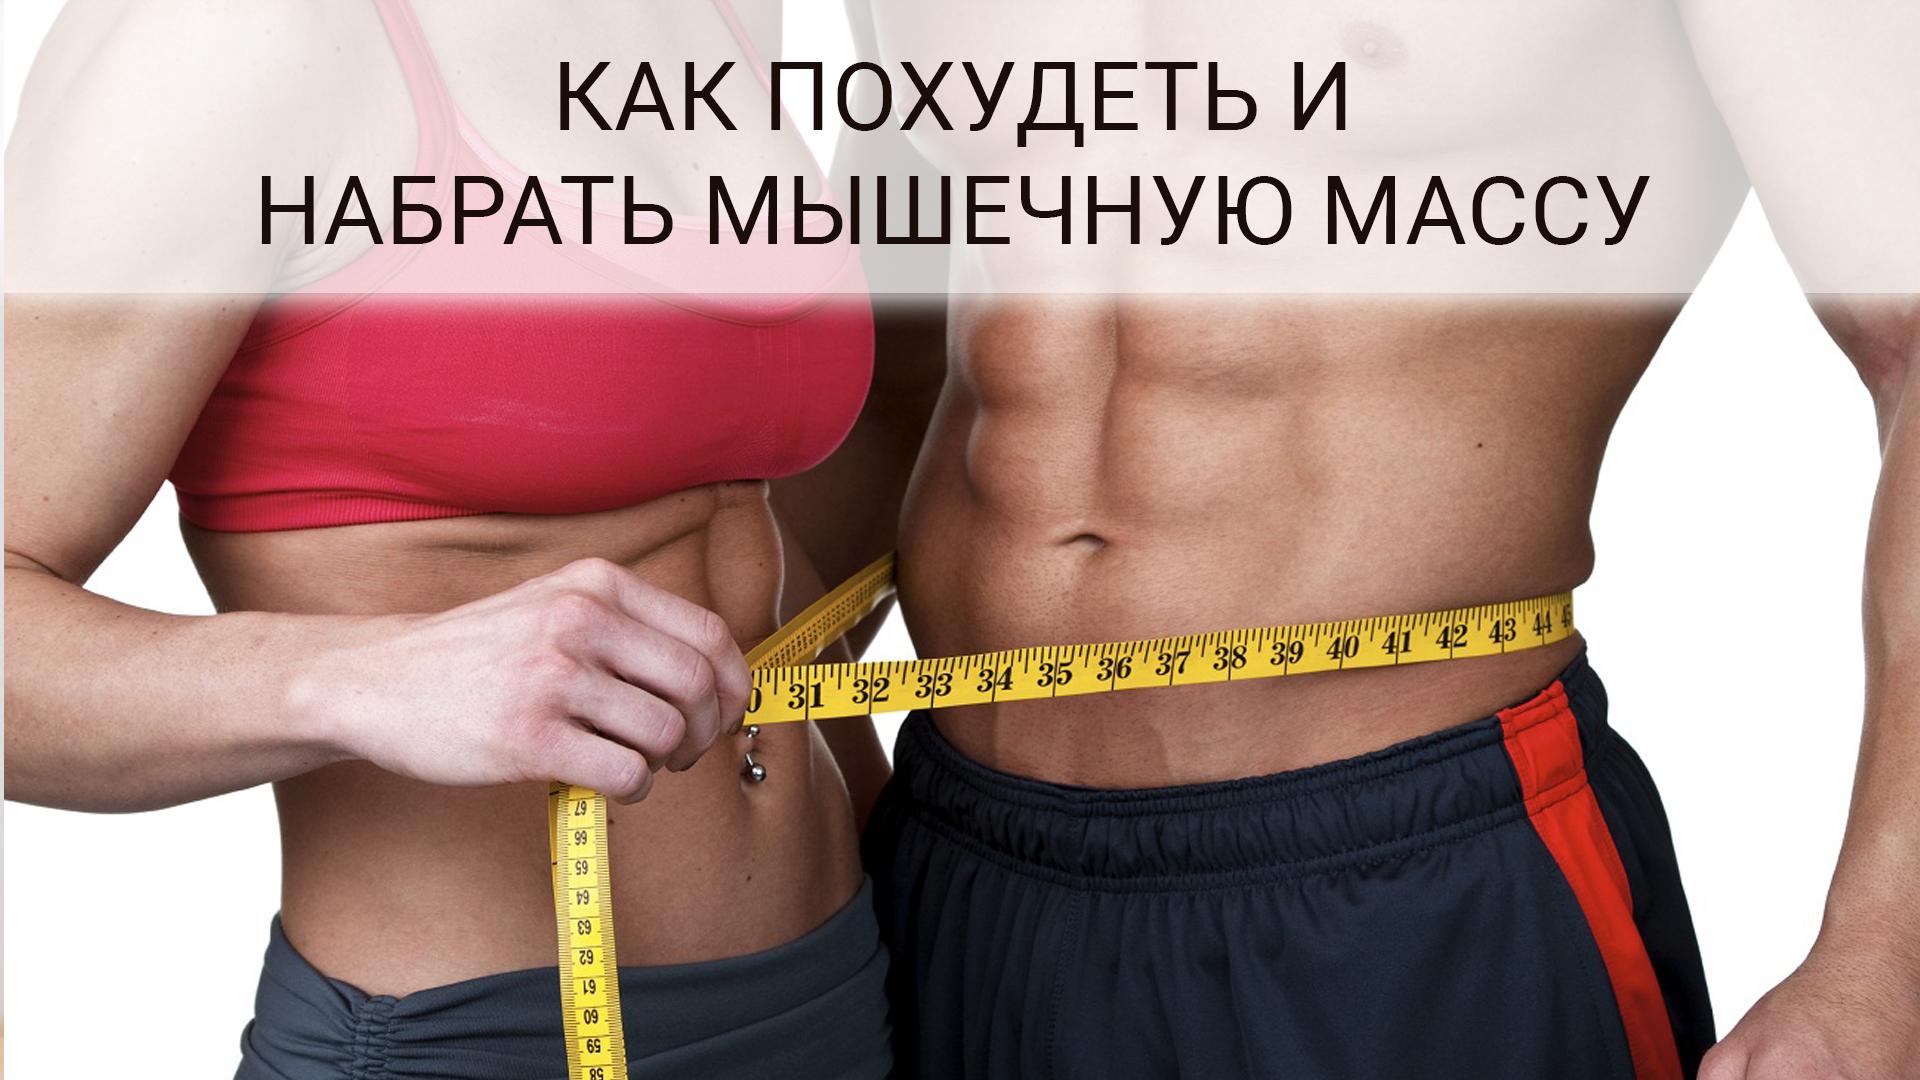 Что нужно делать для сжигания жира и набора мышечной массы